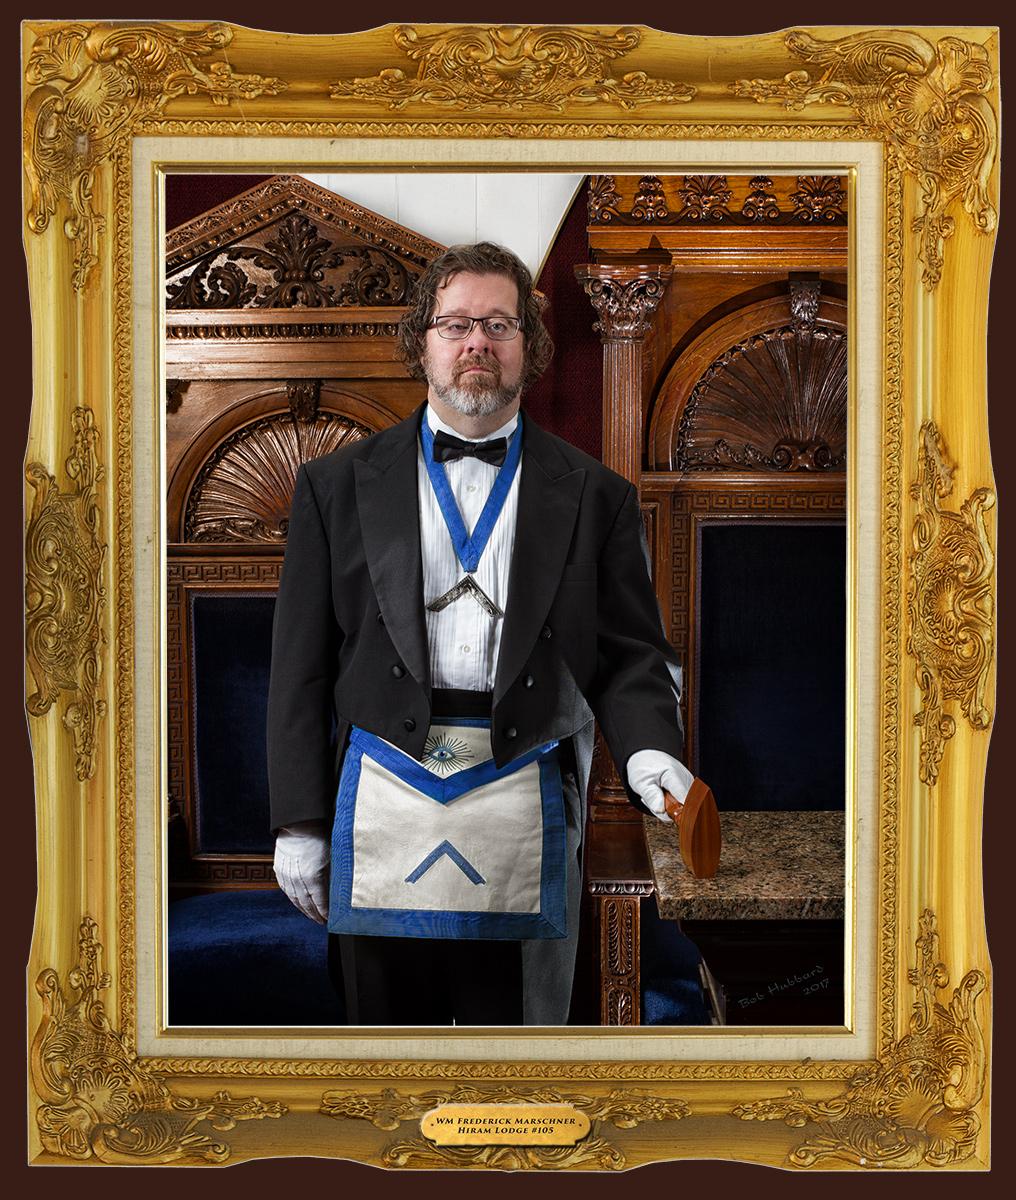 WM Frederick Marschner, Hiram Lodge #105